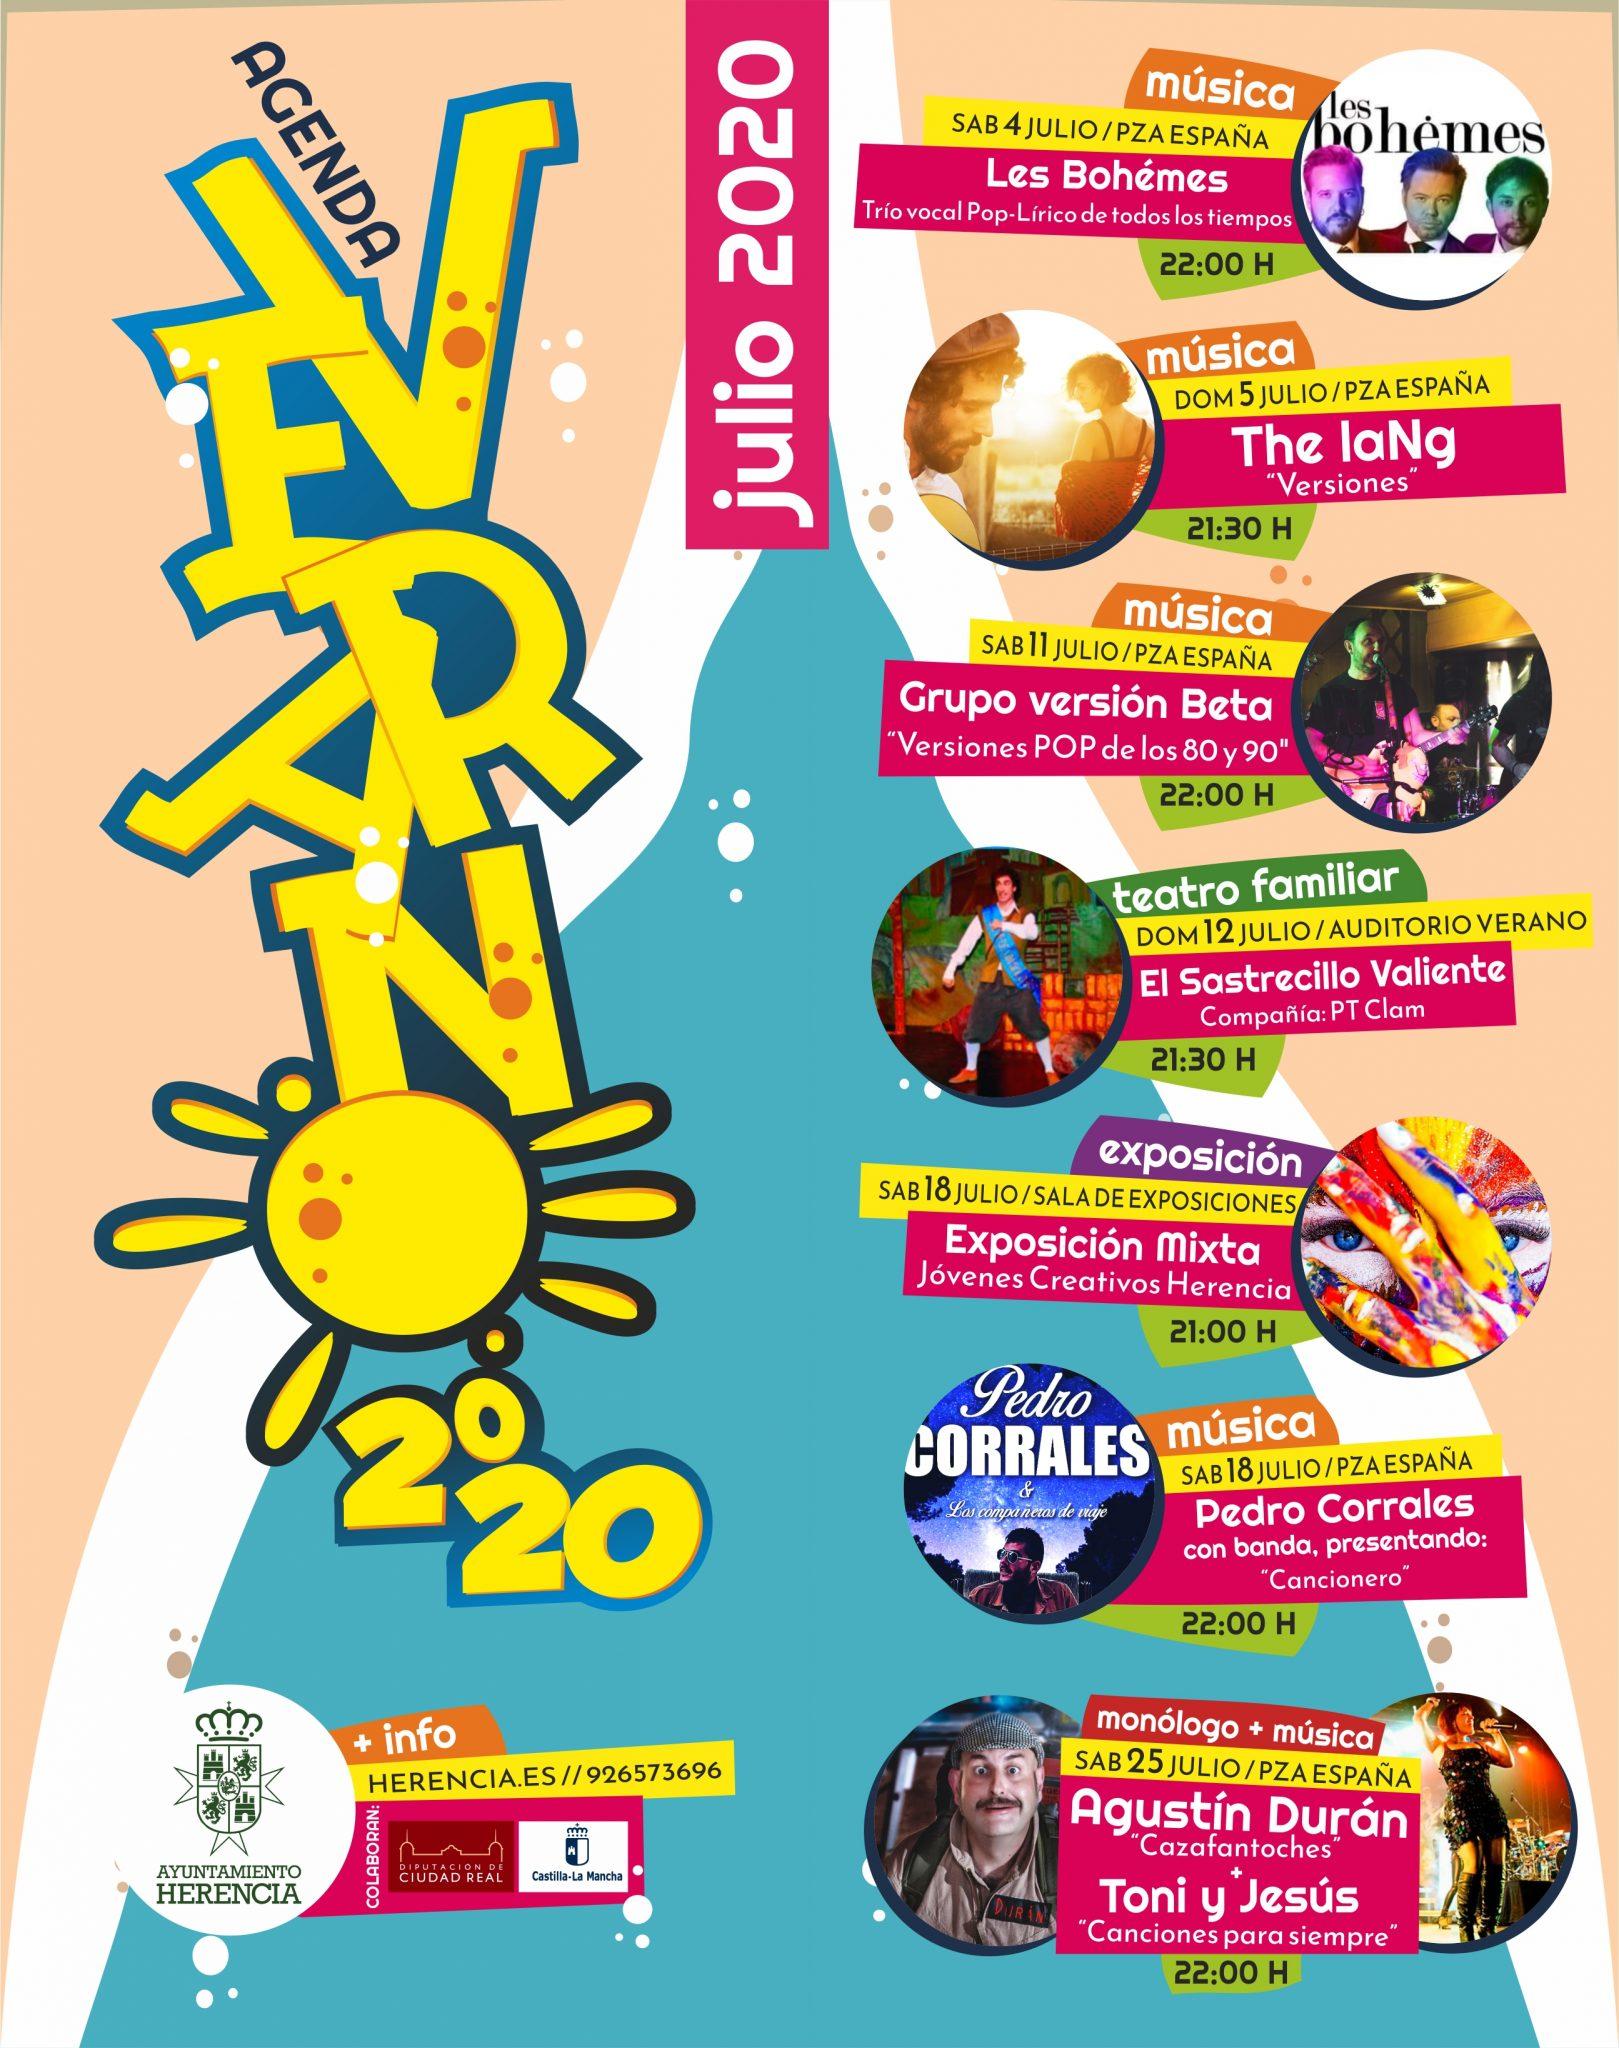 programaci%C3%B3n de verano Herencia12 - Herencia programa un verano cultural al aire libre para reactivar la economía del municipio